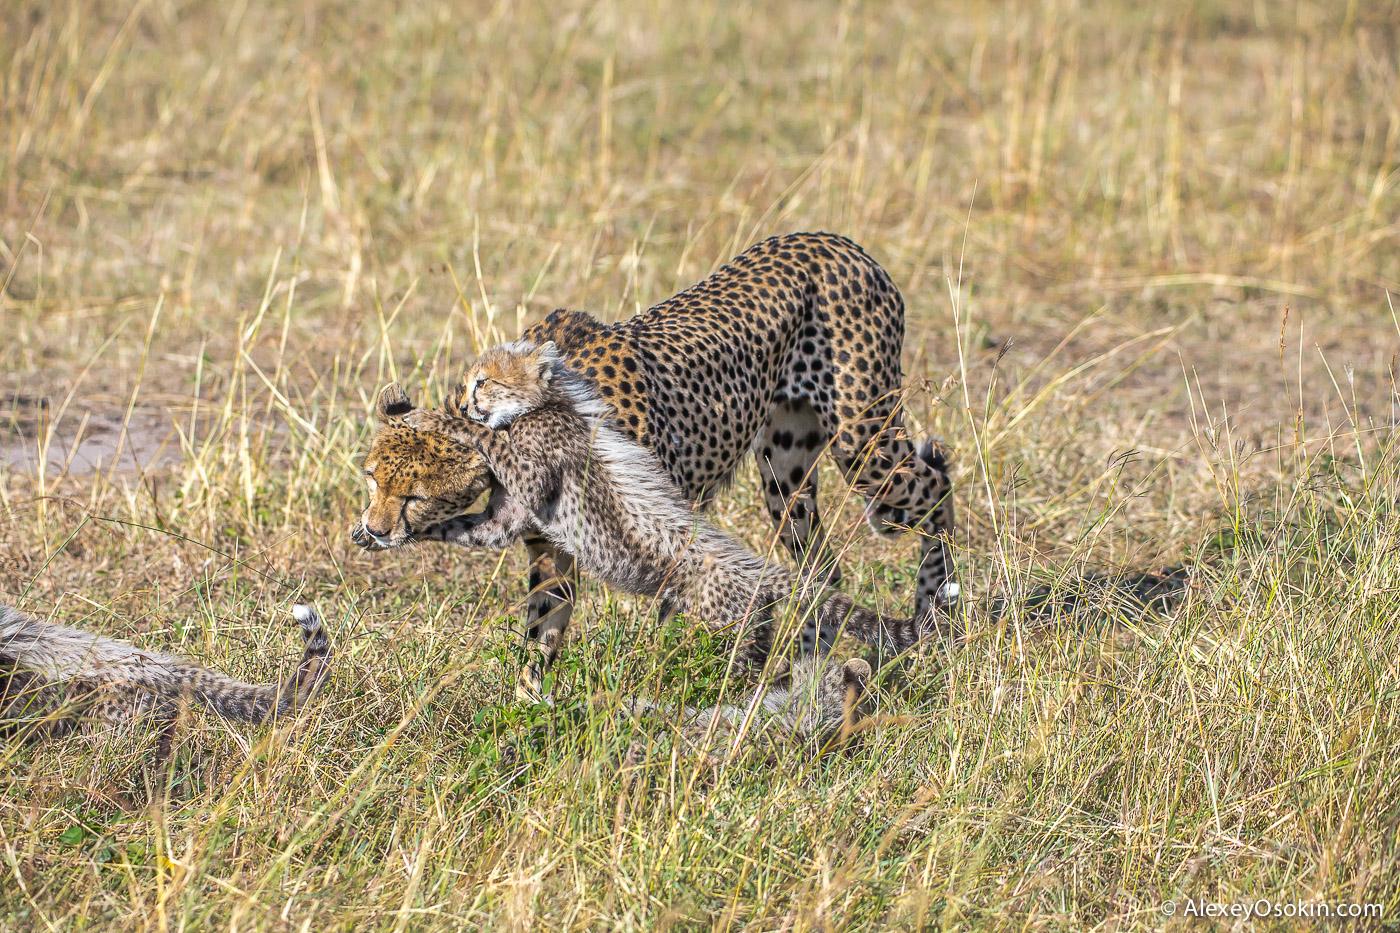 kenya-cheetah2-ao, aug.2015-12.jpg